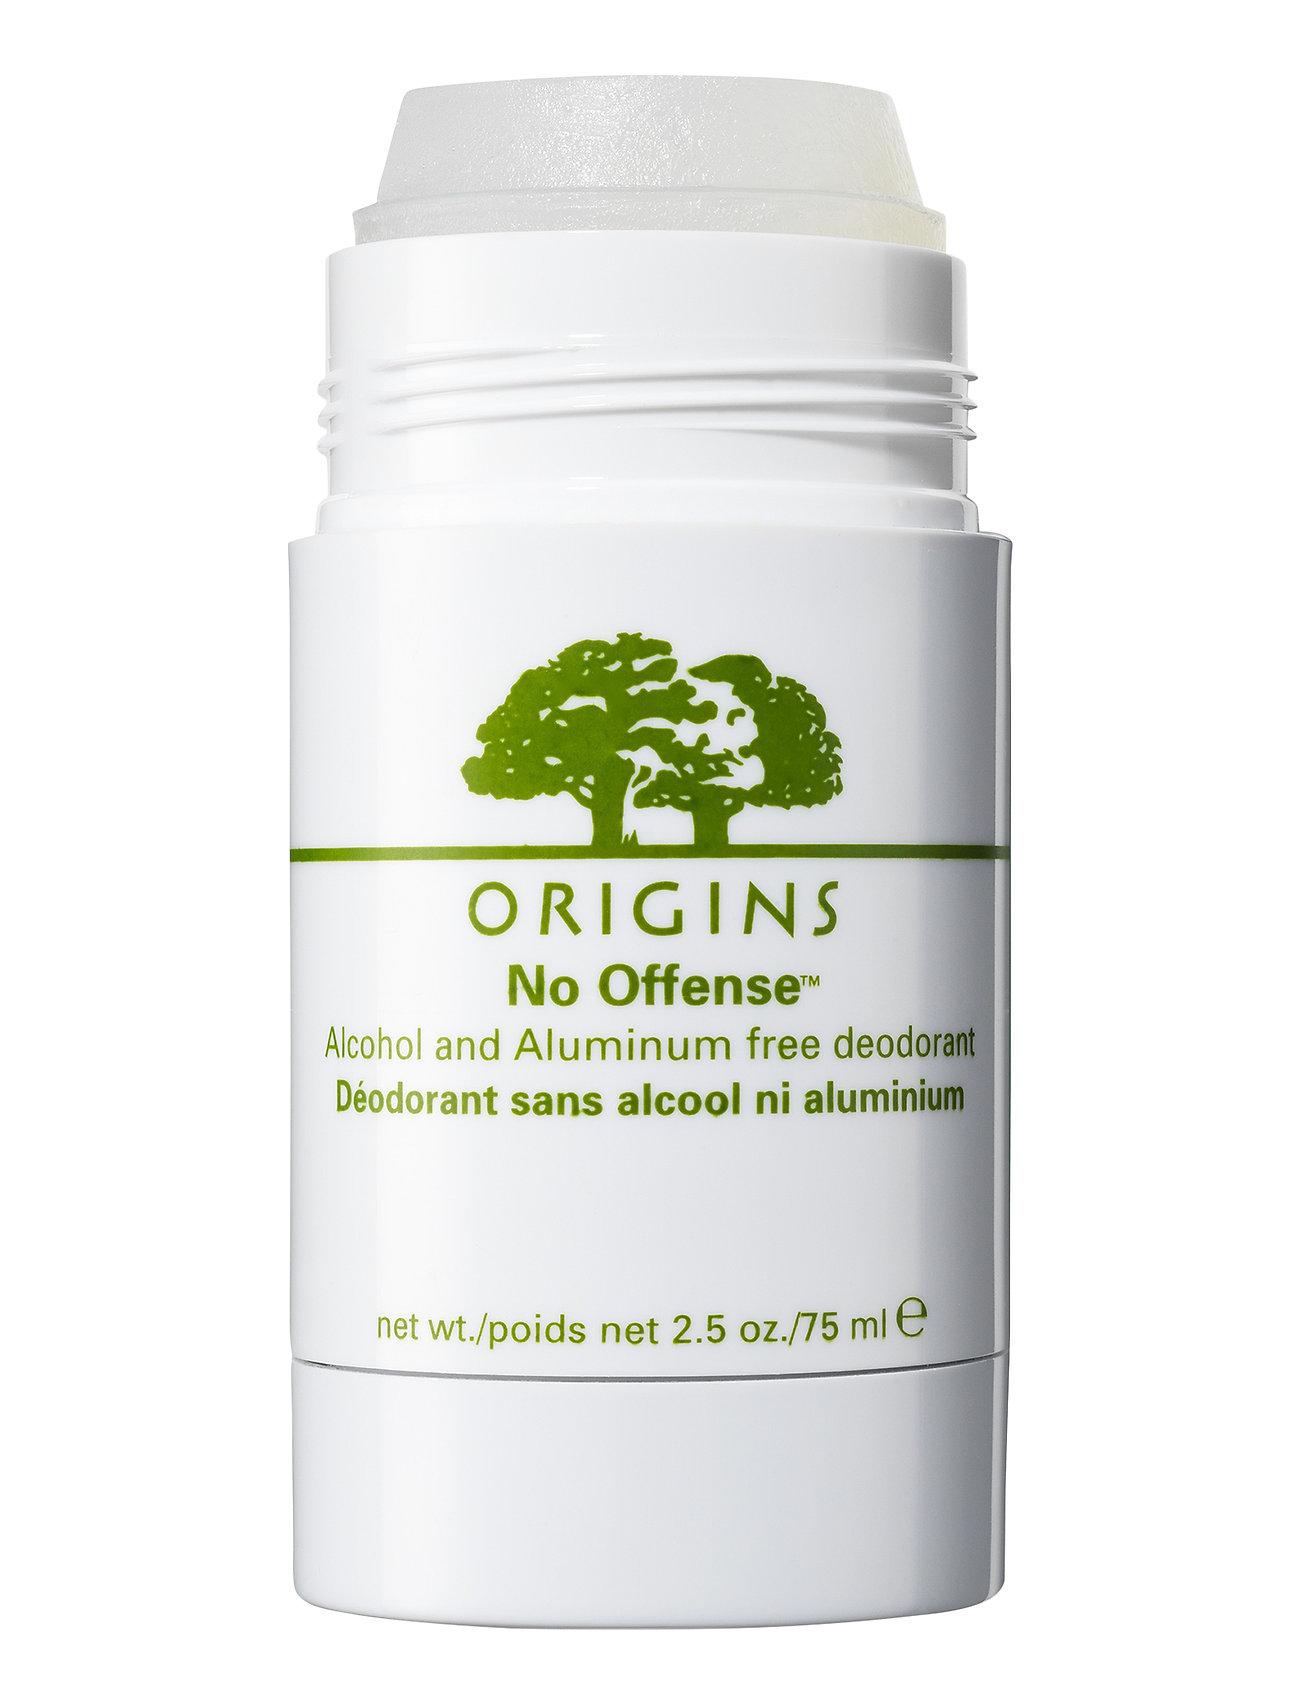 No offense™ fra origins fra boozt.com dk